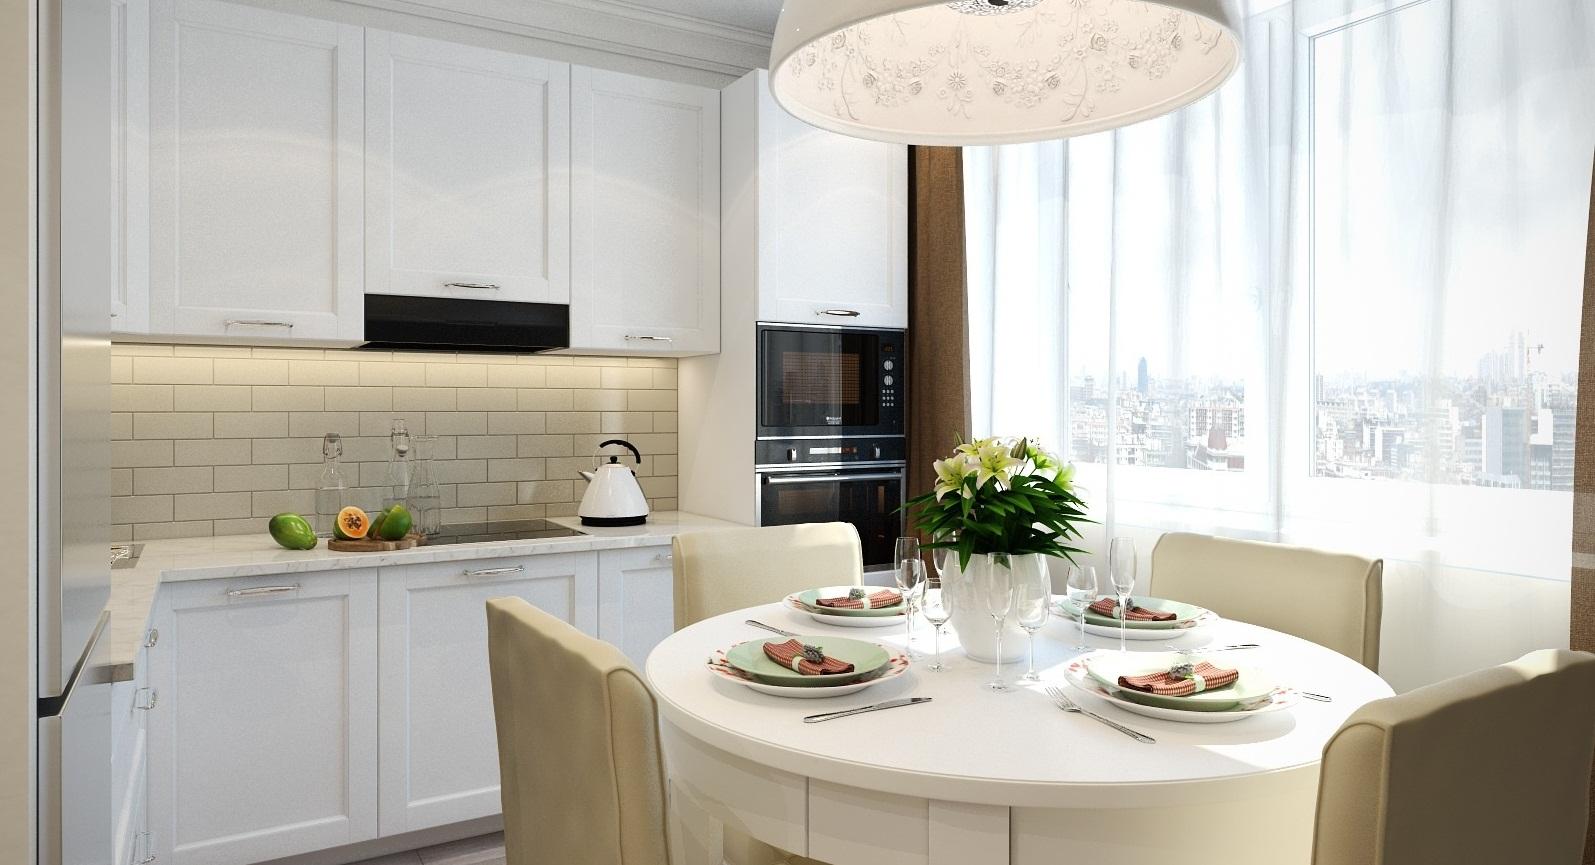 Как правильно расставить мебель на кухне 9 метров фото своими руками